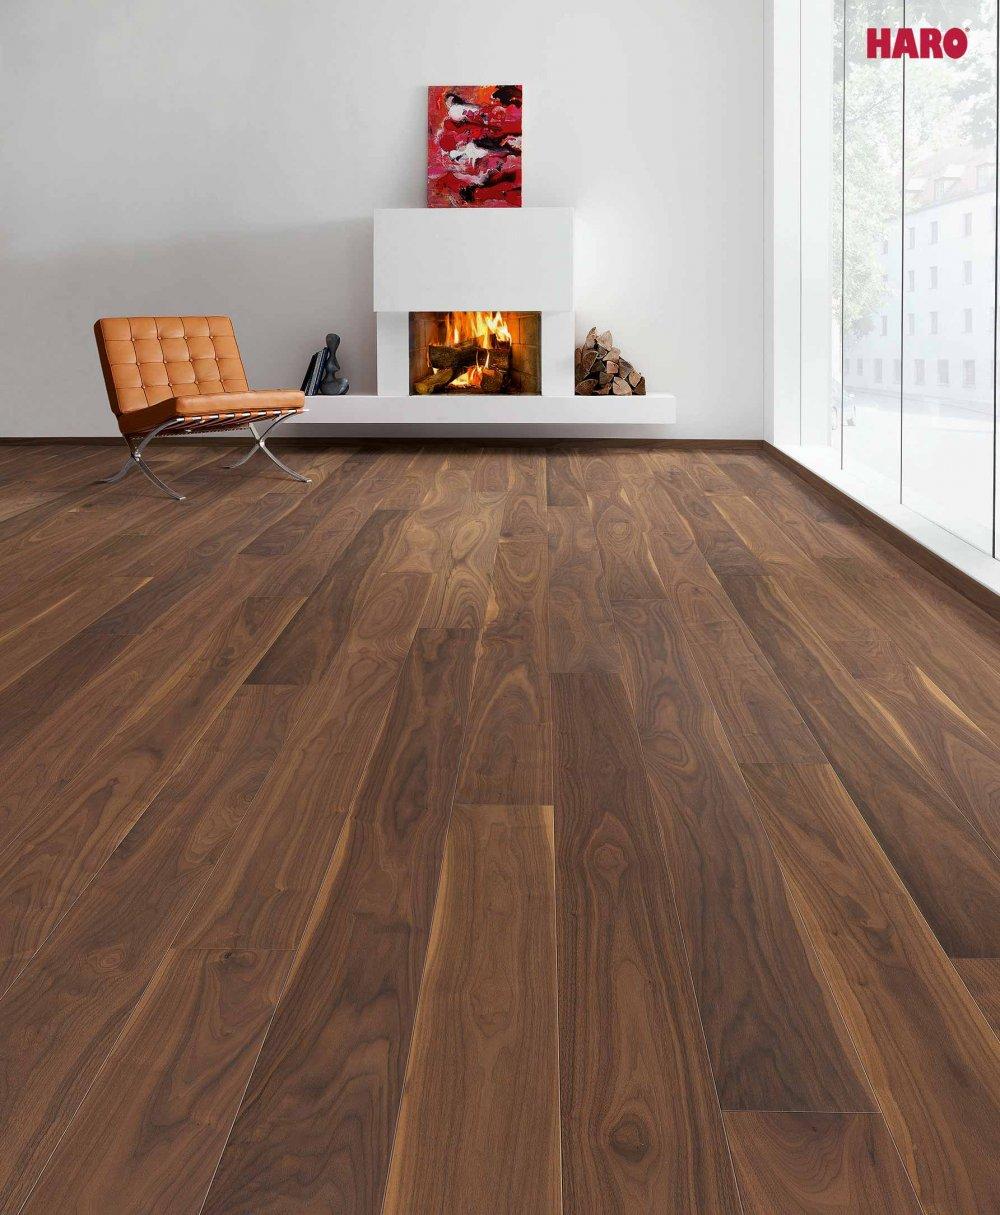 seite 2 parkett nussbaum warmes ambiente kraftvolle farben. Black Bedroom Furniture Sets. Home Design Ideas